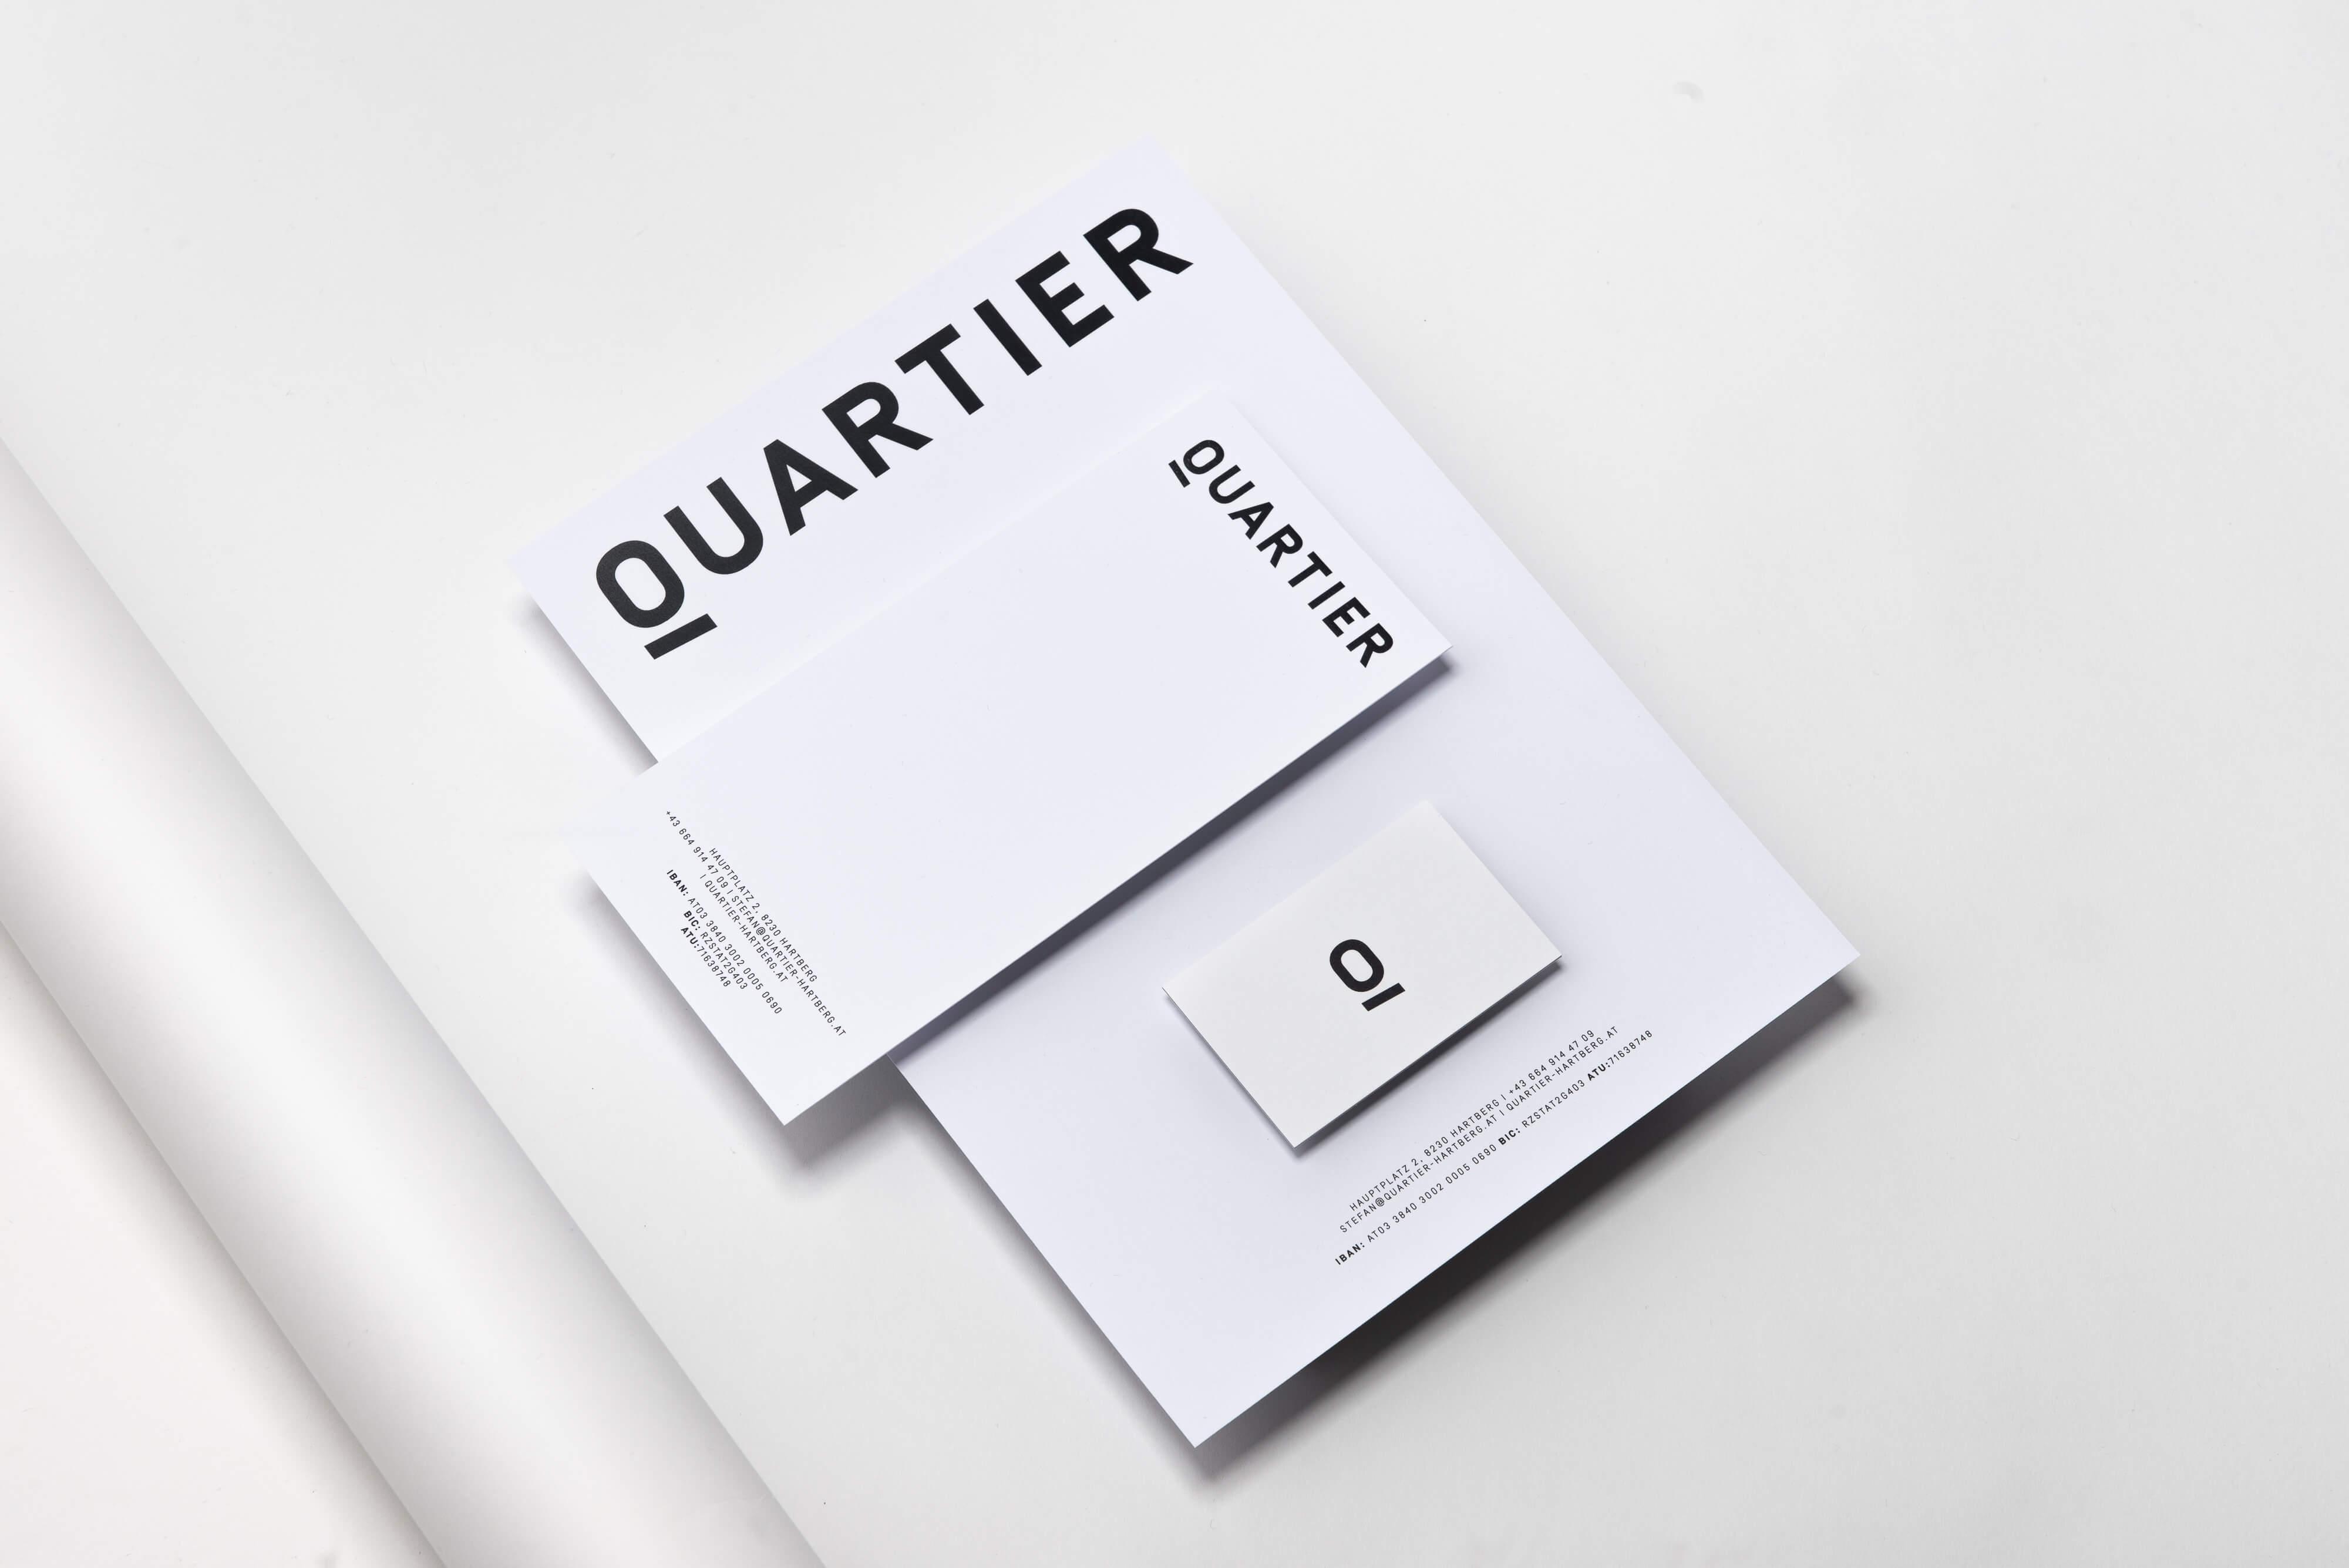 001_Quartier12933